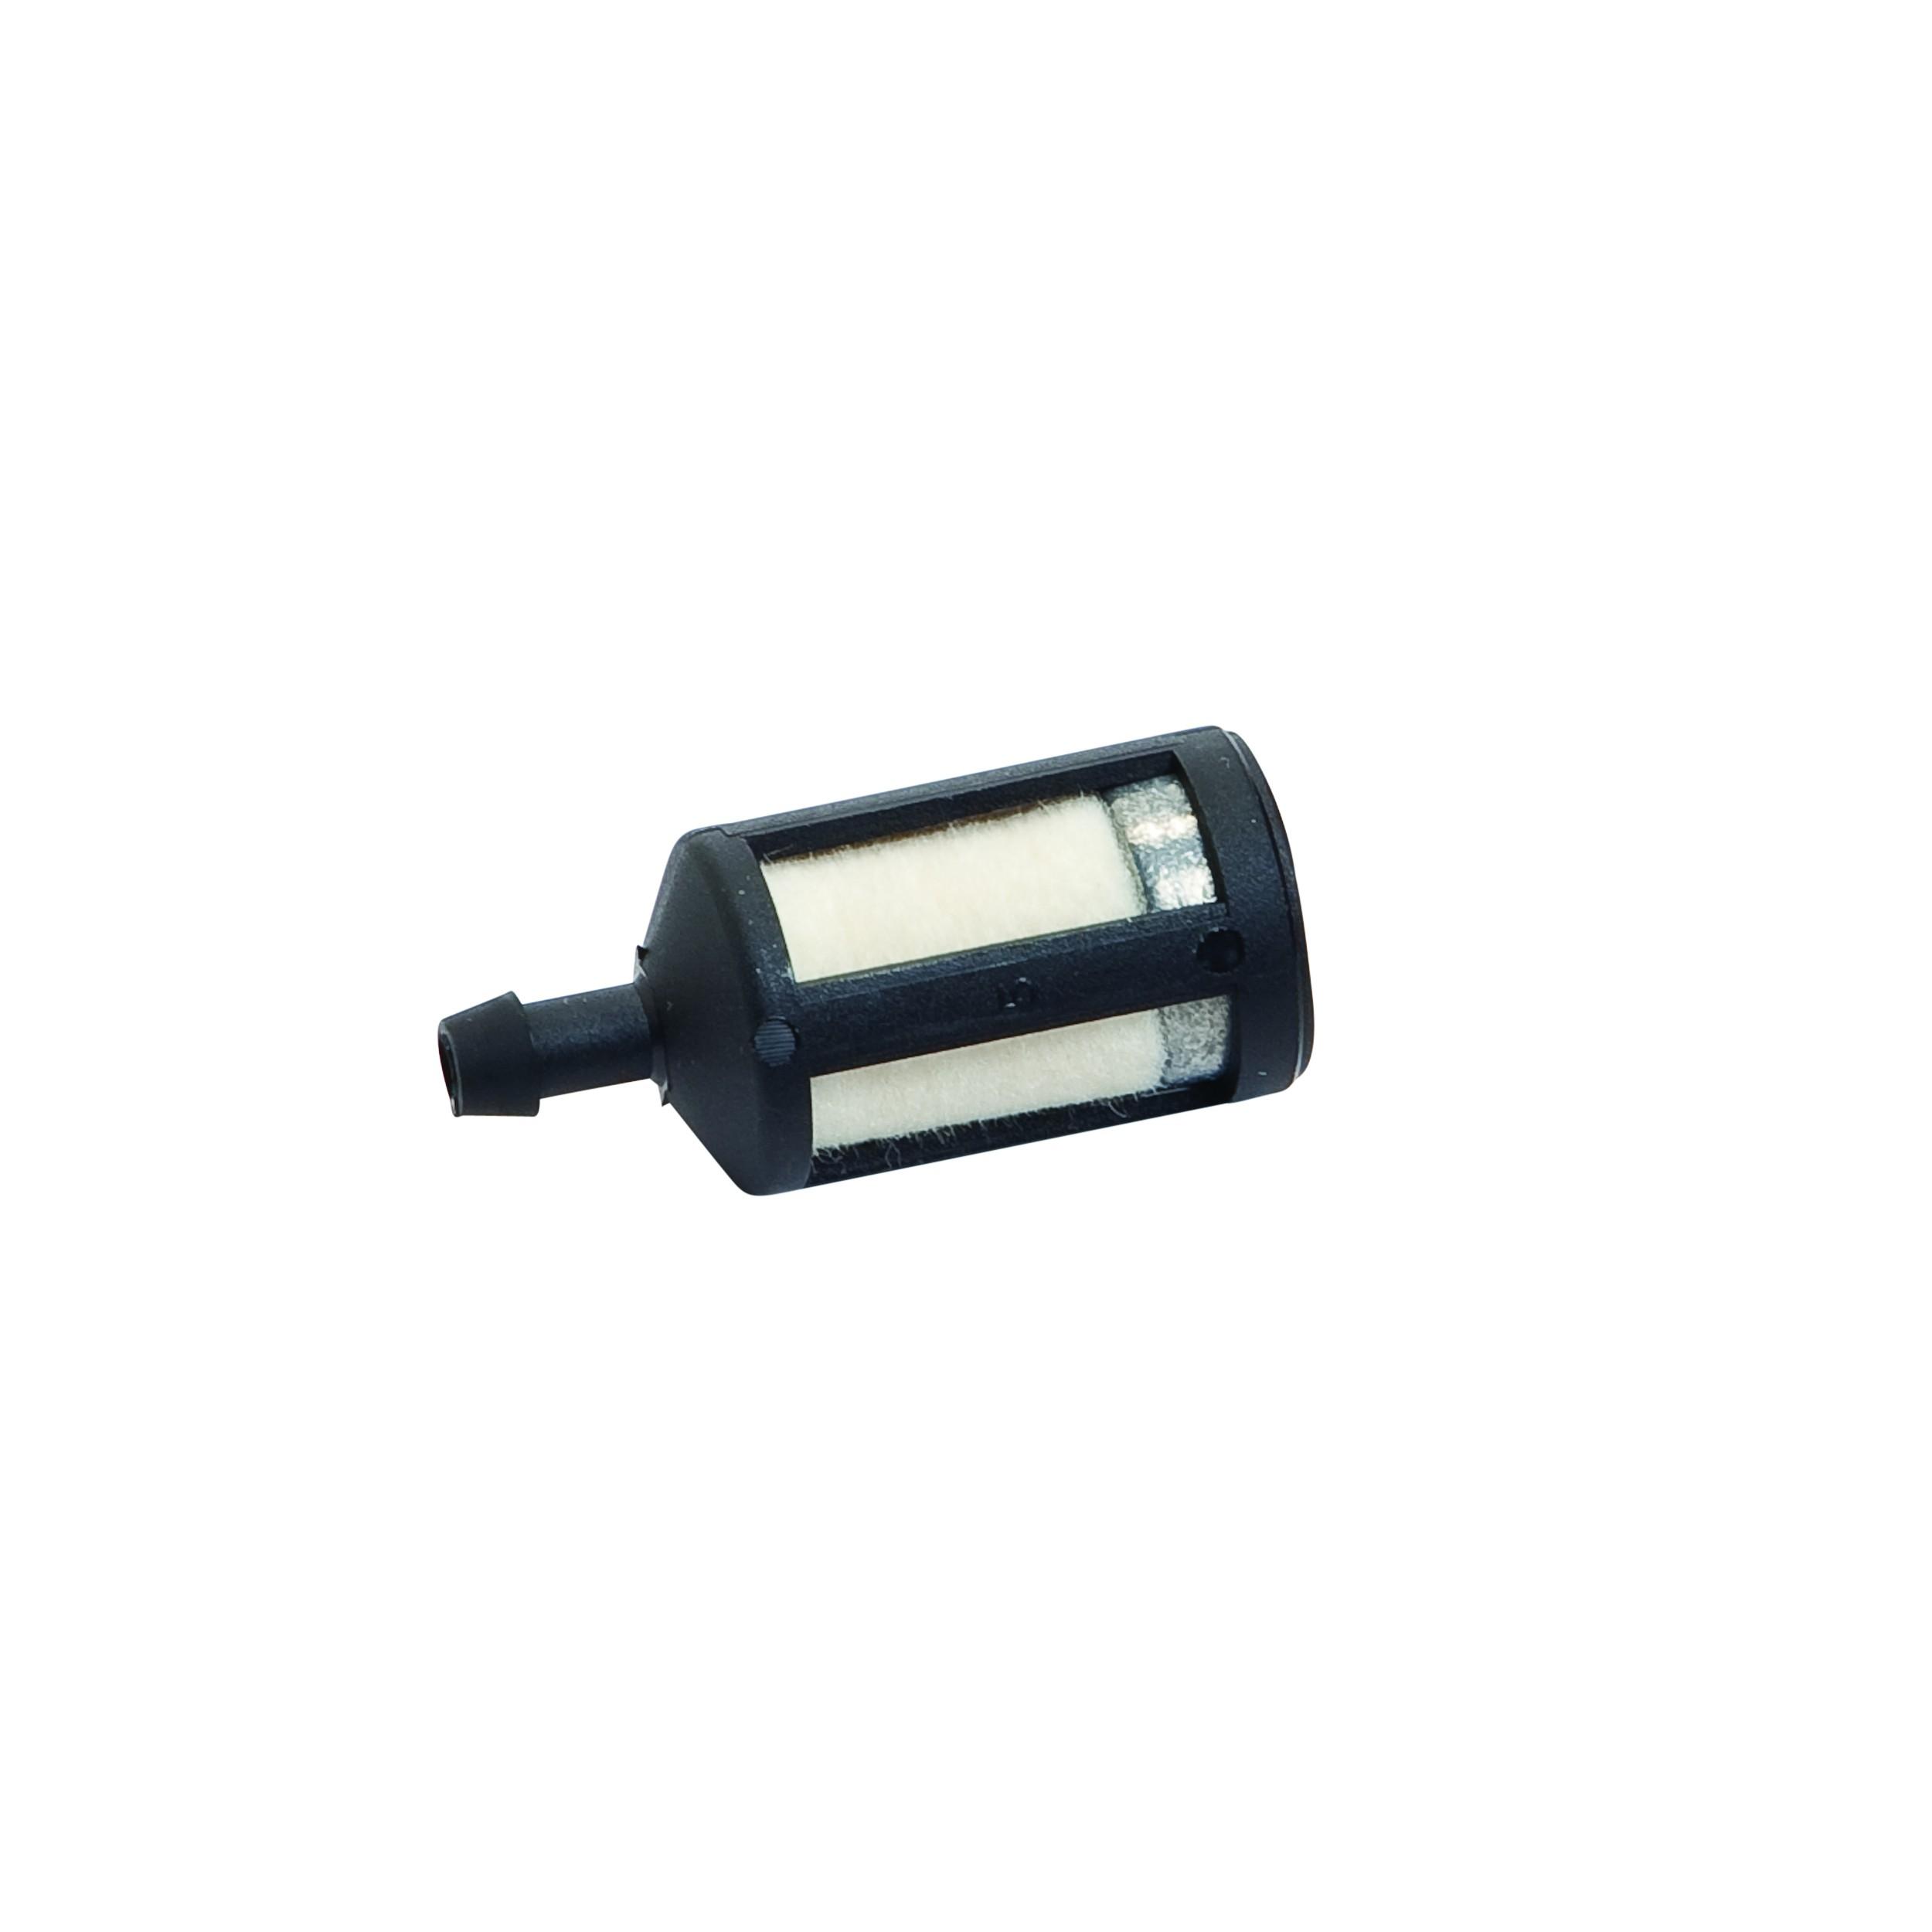 Palivový filtr (typ ZAMA ZF-4) průměr 4,8mm